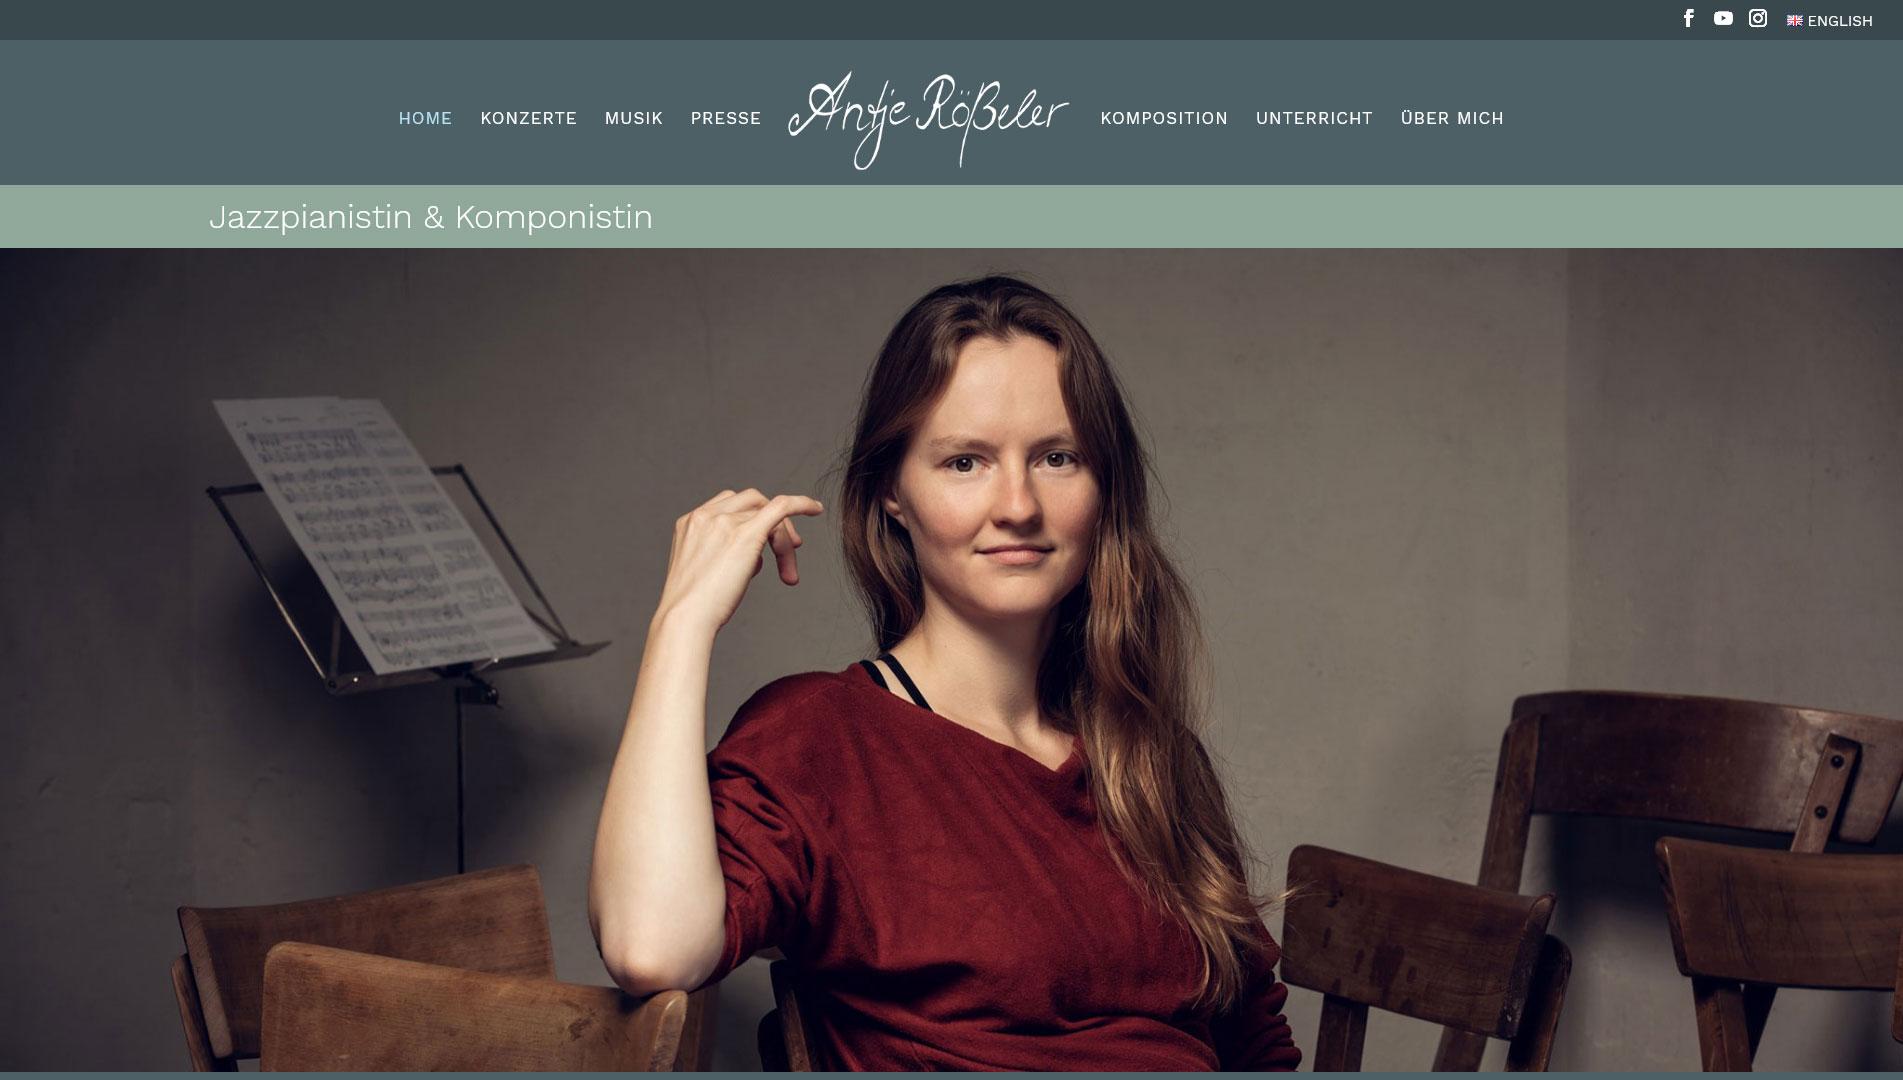 Screenshot Antje Rößeler - Jazzpianistin & Komponistin